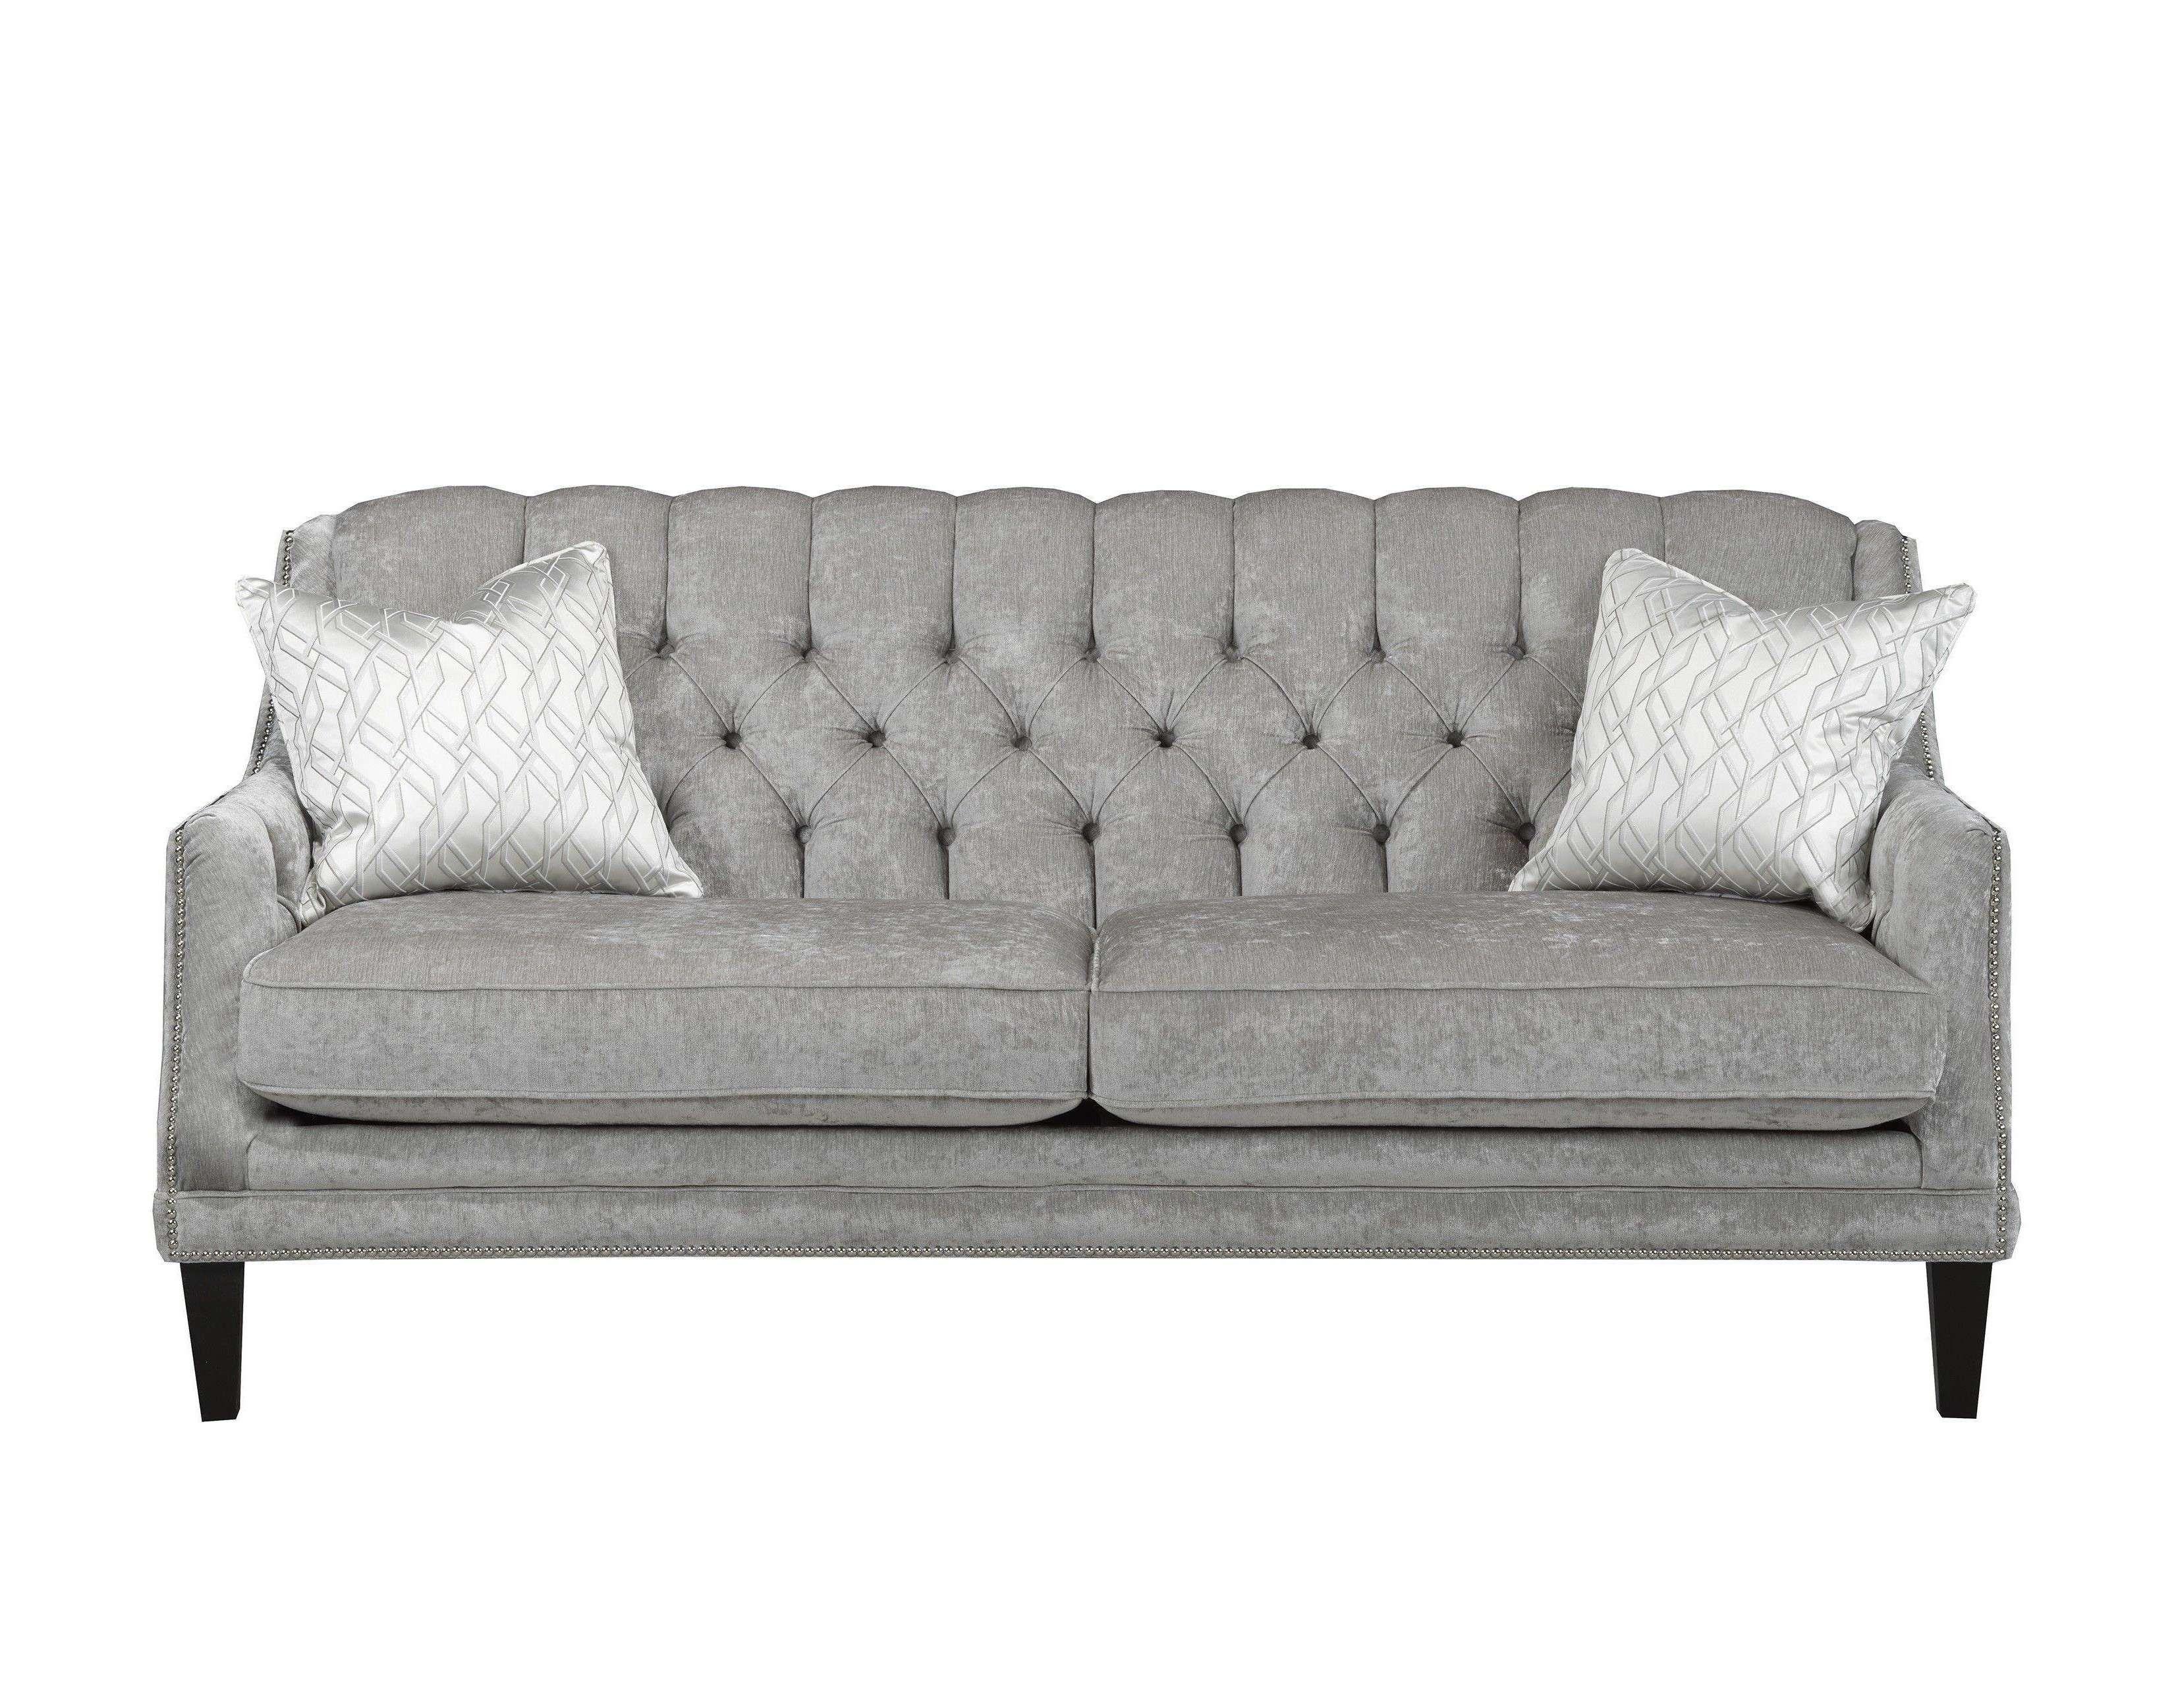 Antik Couch Mit Schlaffunktion Poco Couch Möbel Ikea